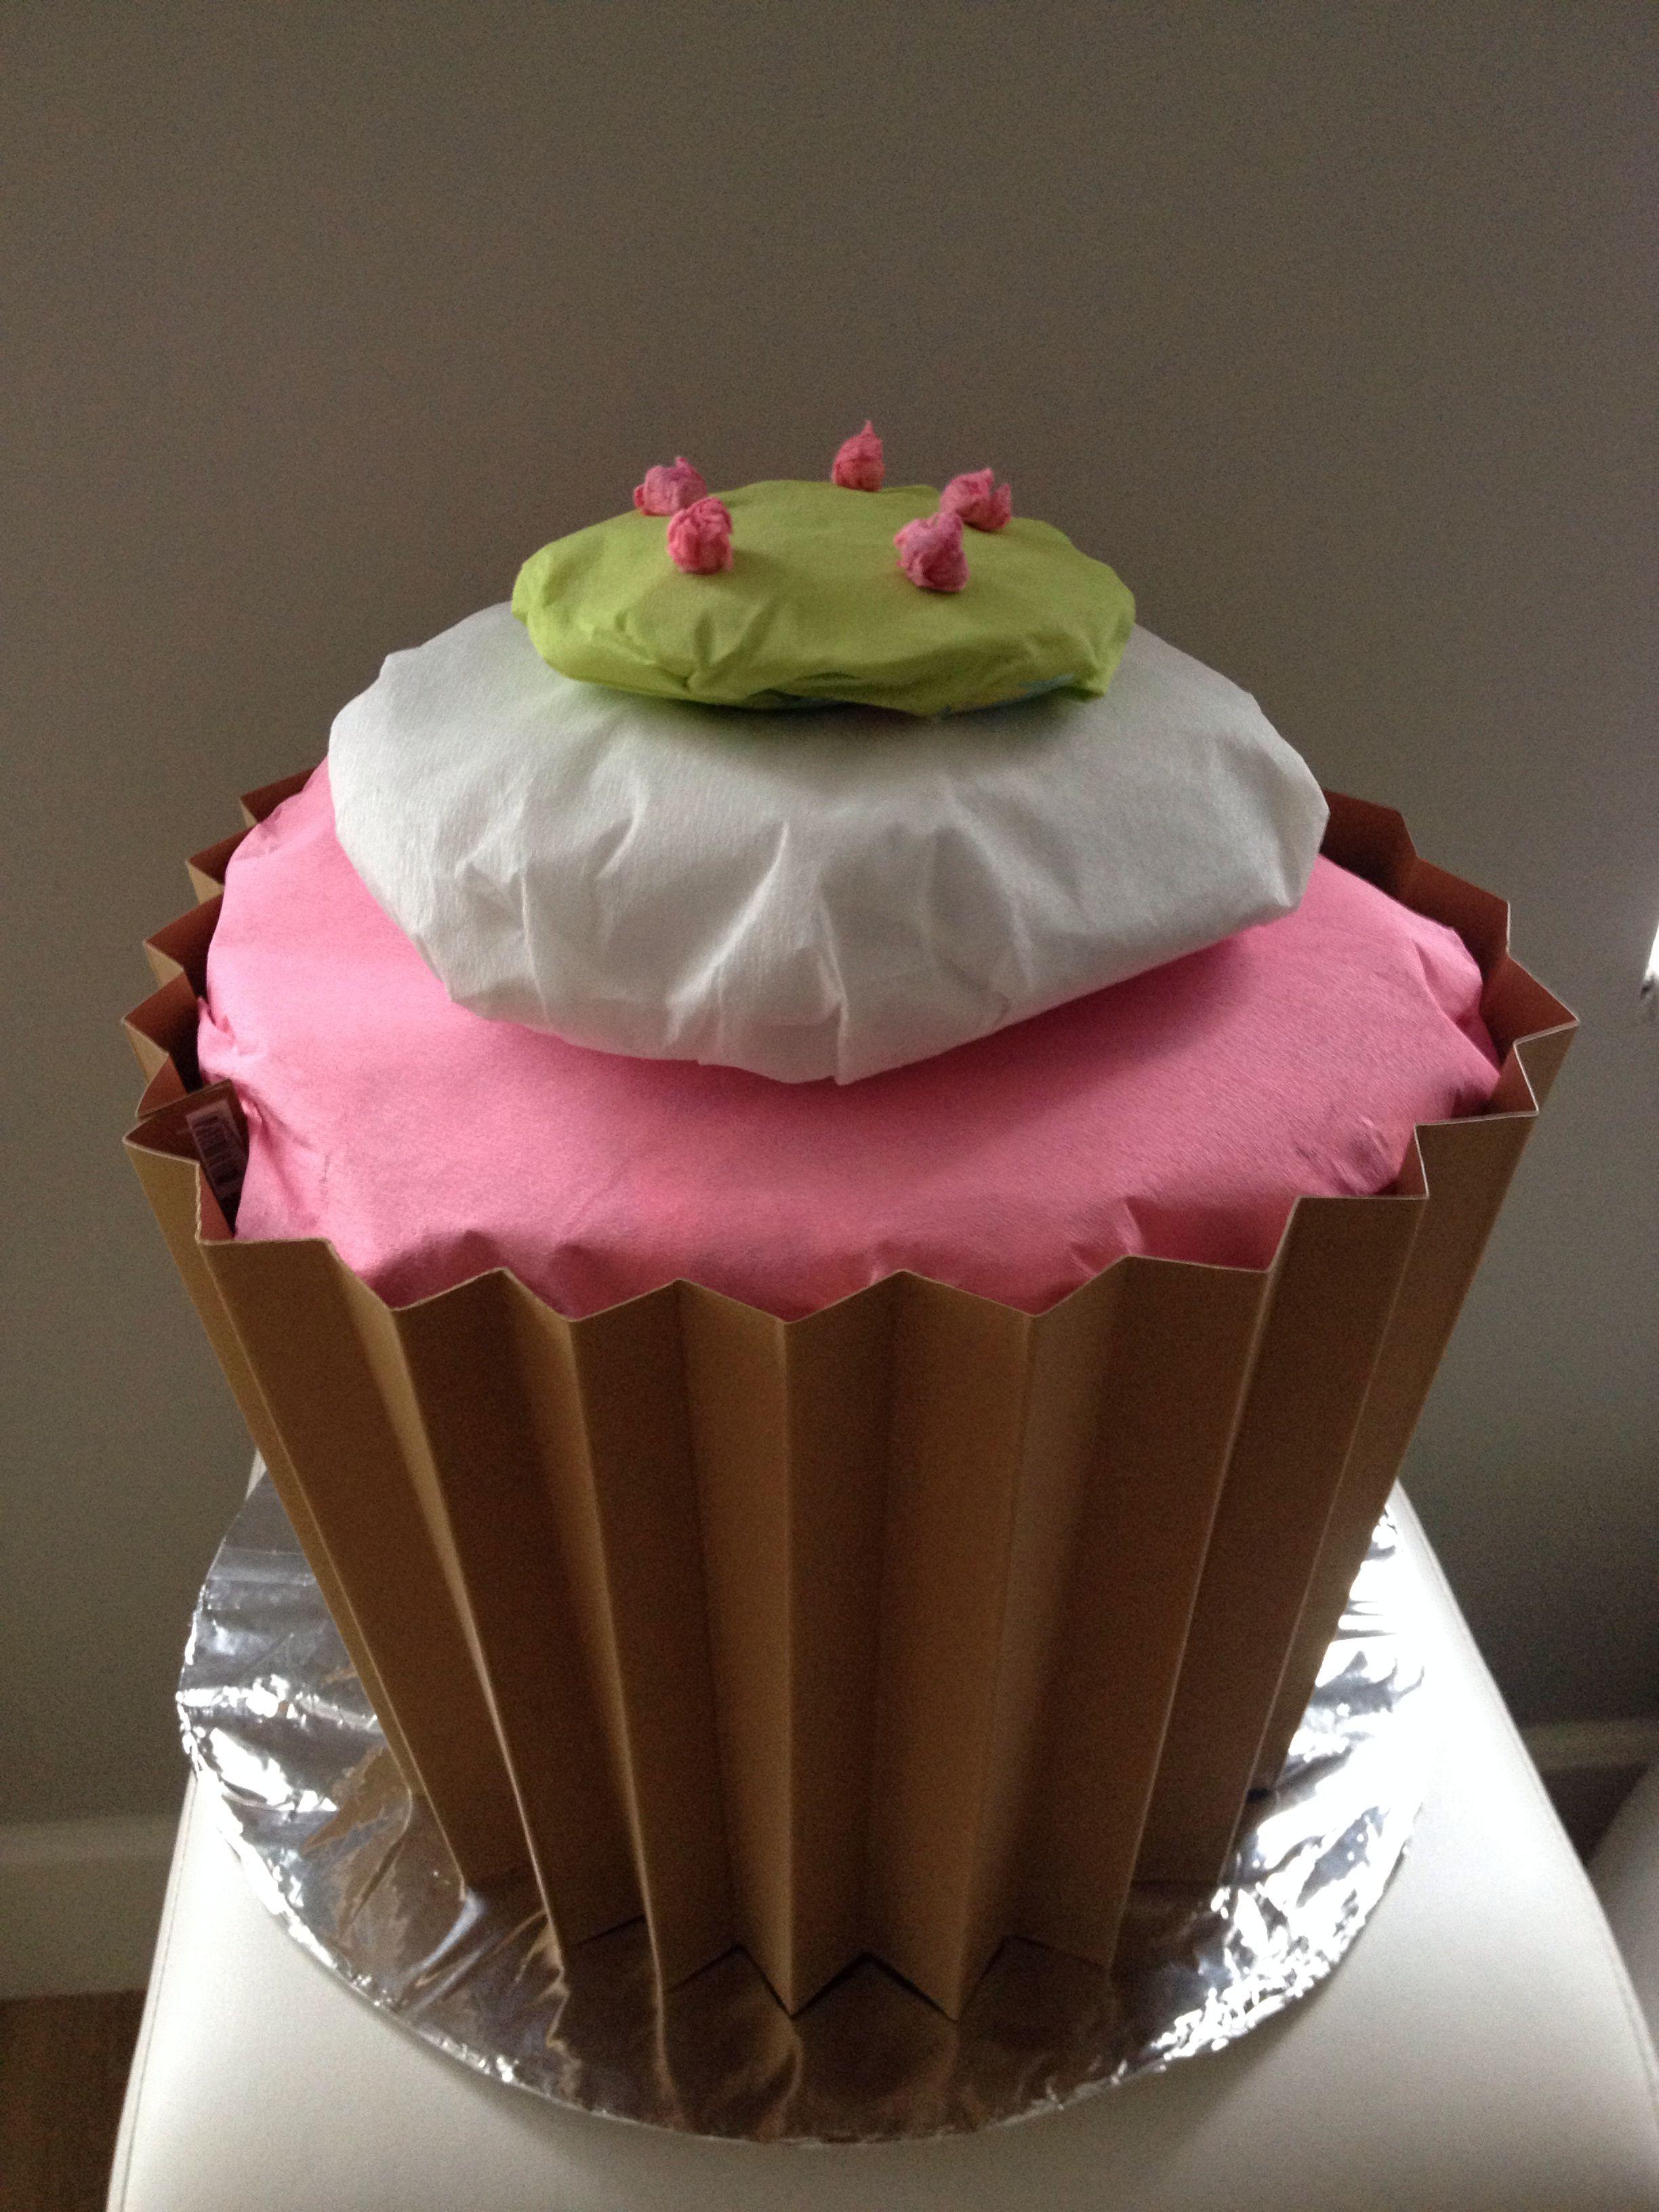 Mega Cupcake Als Sinterklaas Surprise Vulling Maken Van Proppen